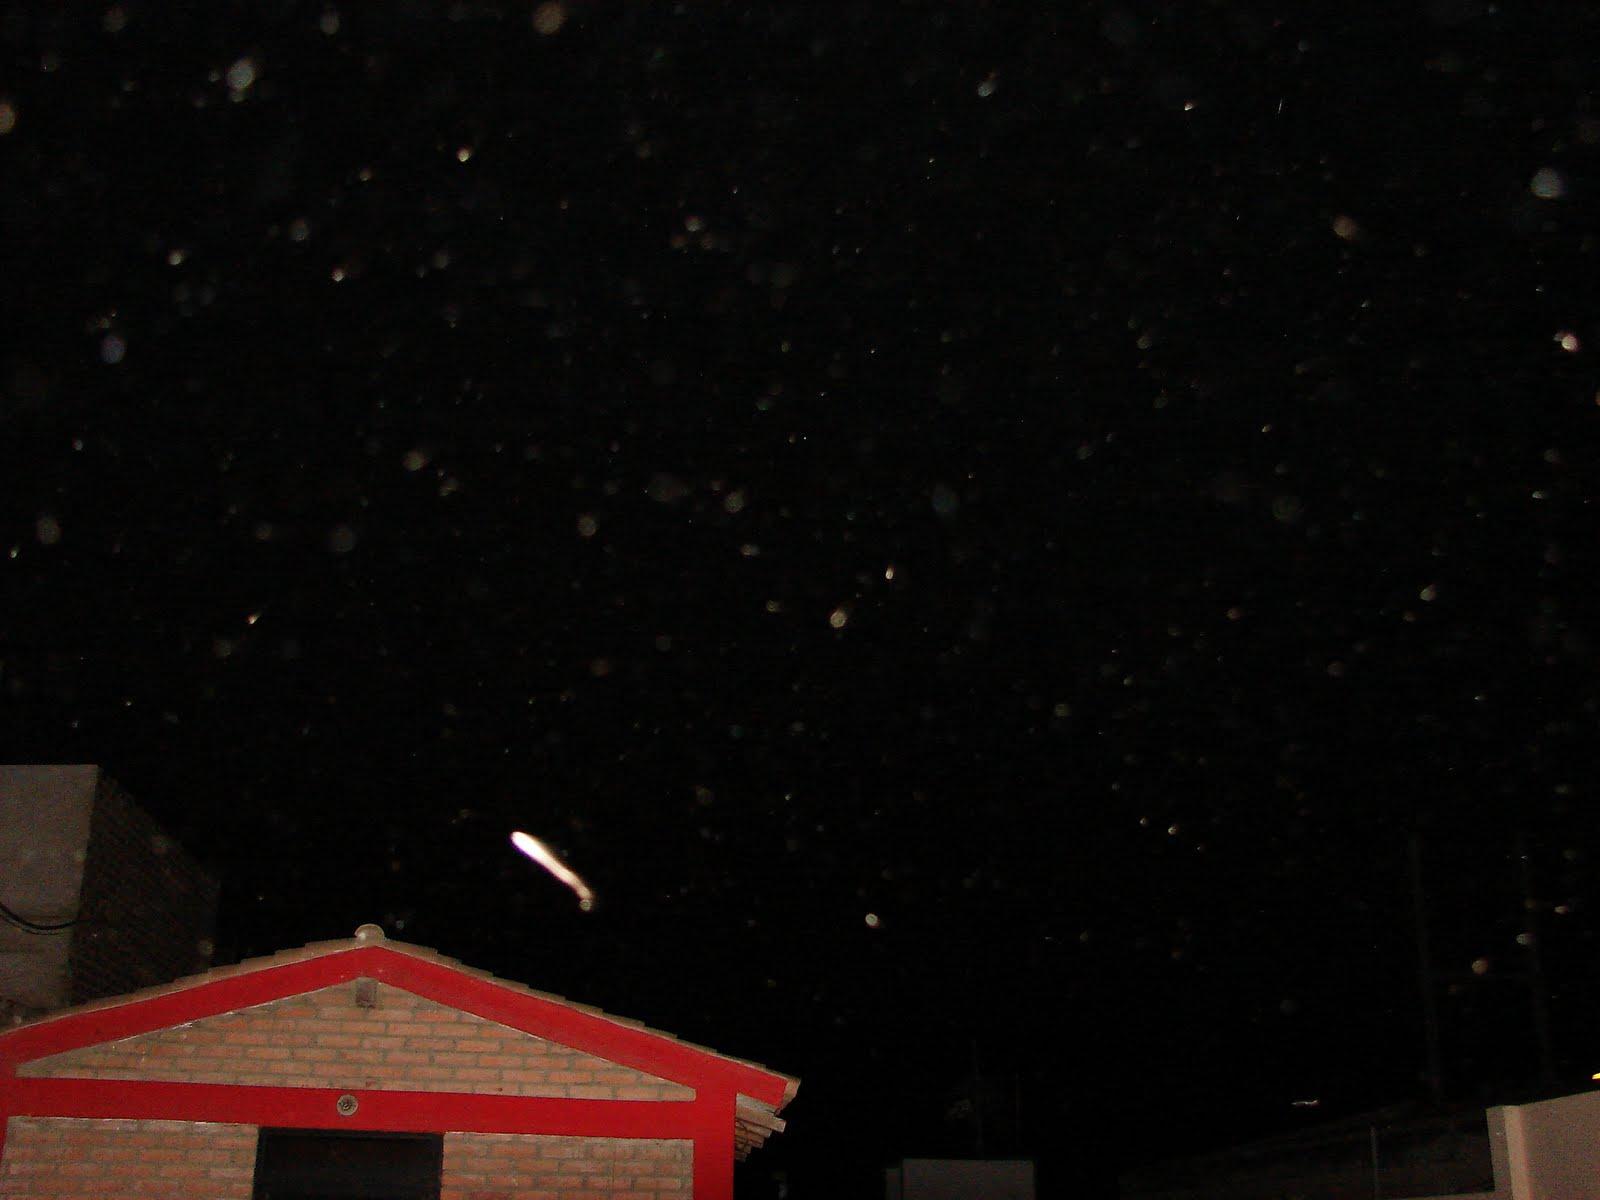 5-septiembre-6-7-8-9...2011 super ovni alargado sobre mi casa, 1:55 am sec,ufo..